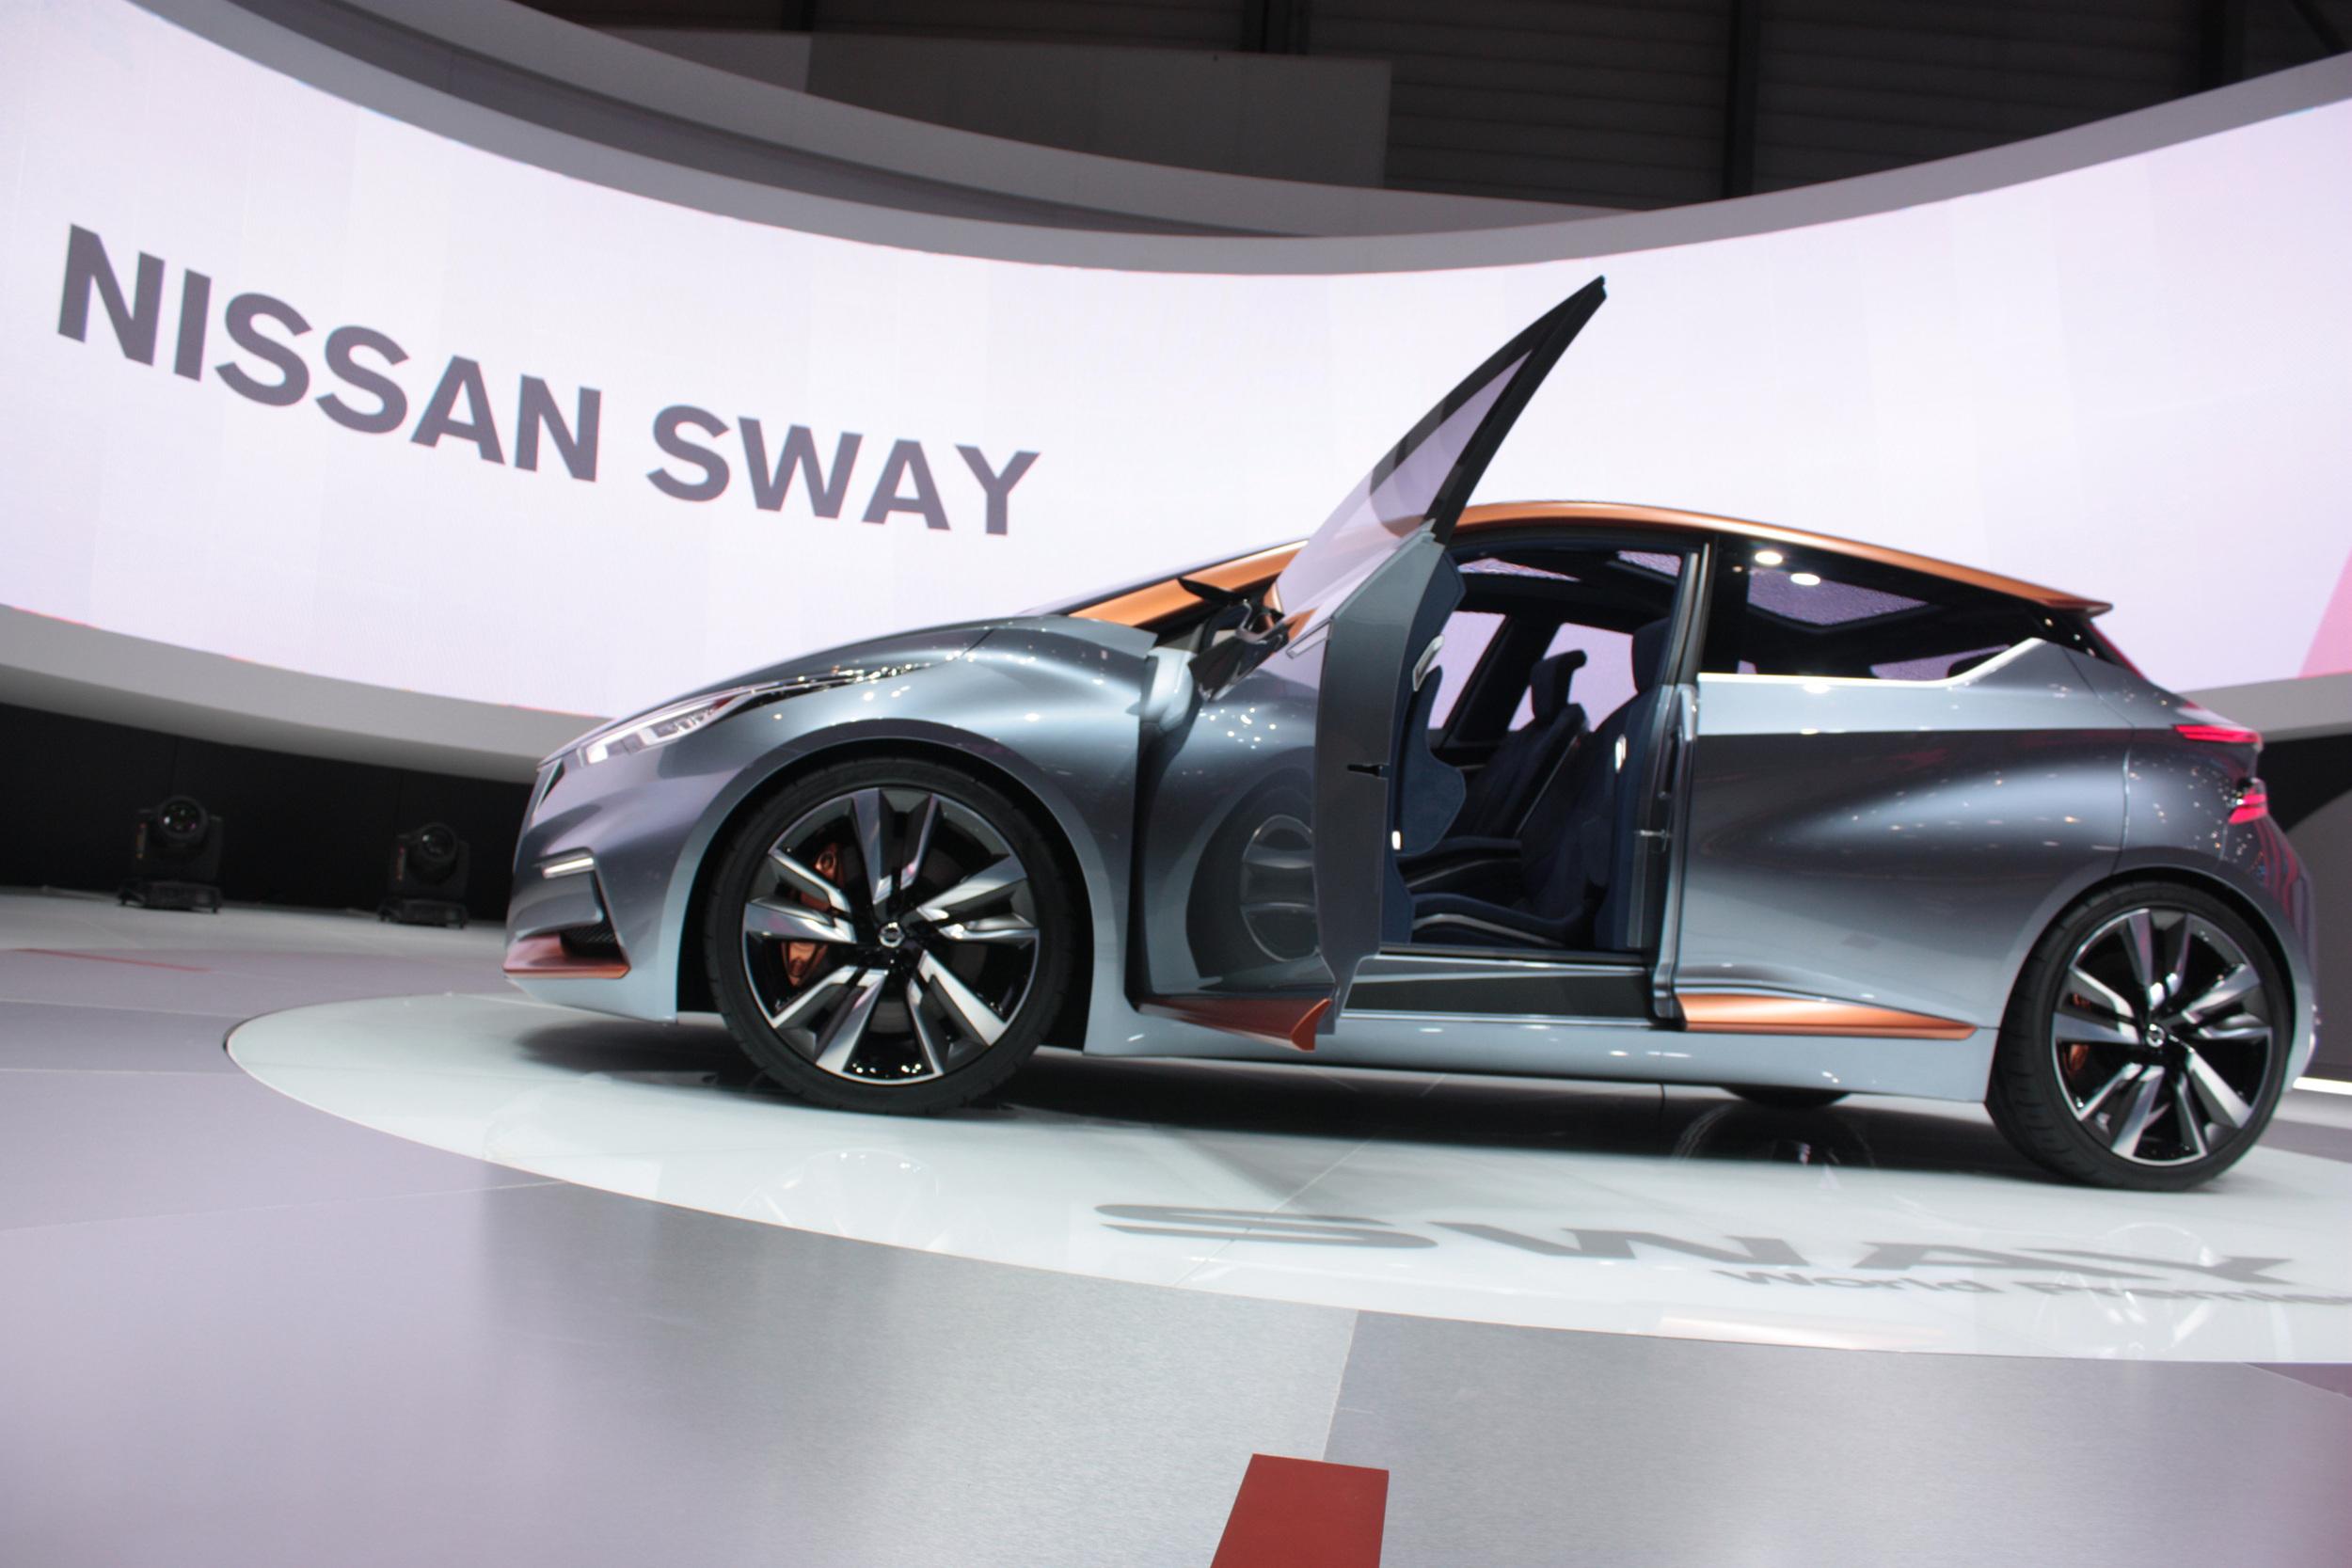 Geneva-Nissan-Sway-side.jpg